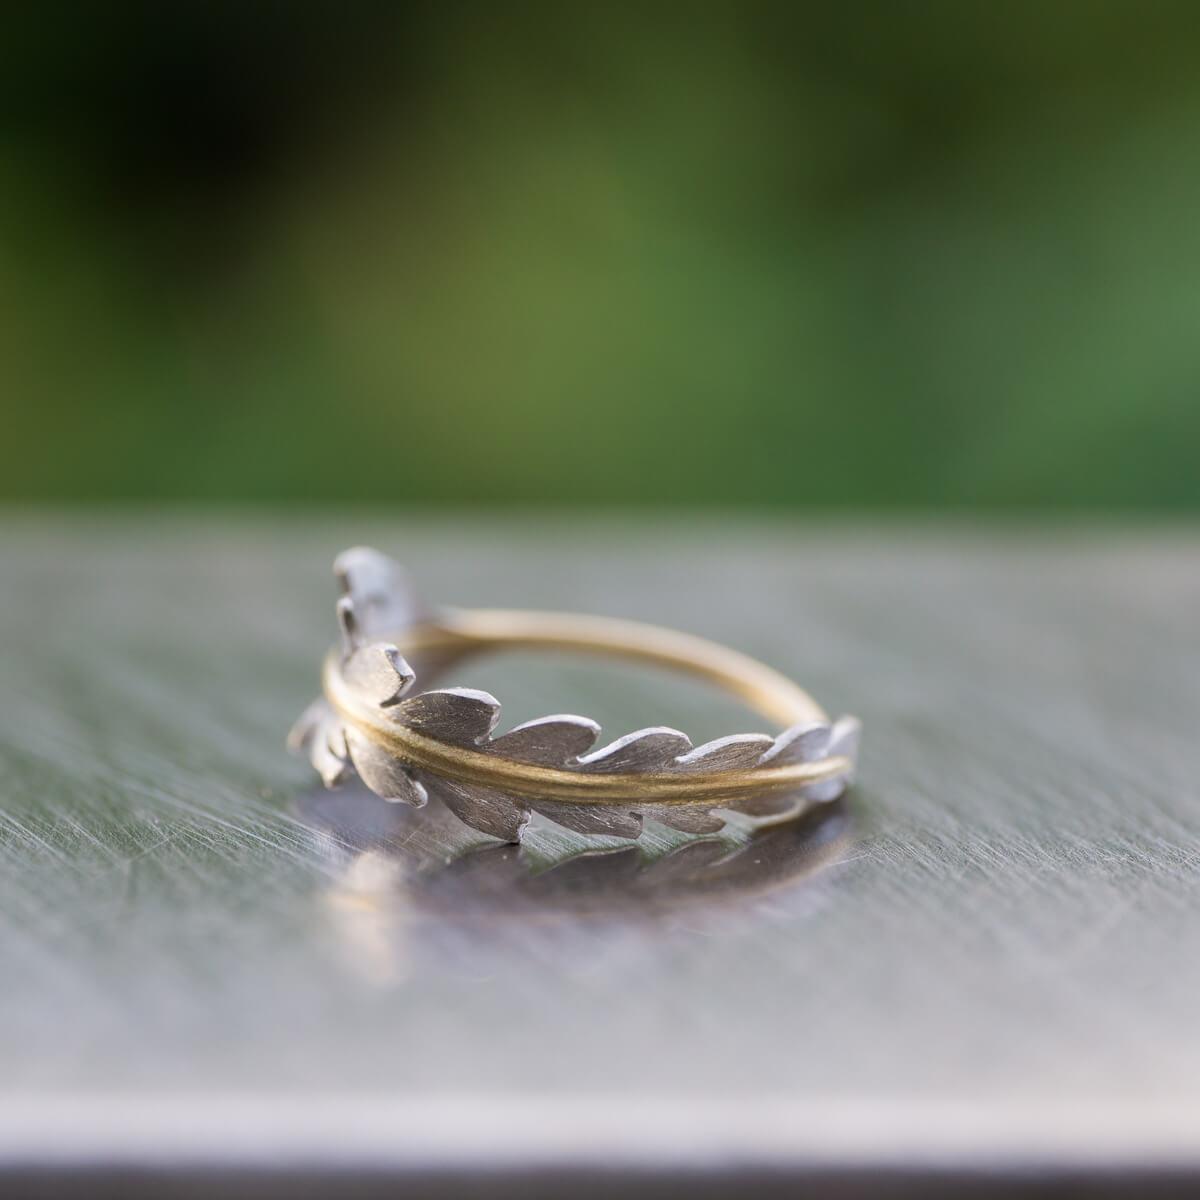 屋久島の緑バック オーダーメイドエンゲージリング ジュエリーのアトリエ 屋久島のシダモチーフ ゴールド、プラチナ 屋久島でつくる婚約指輪